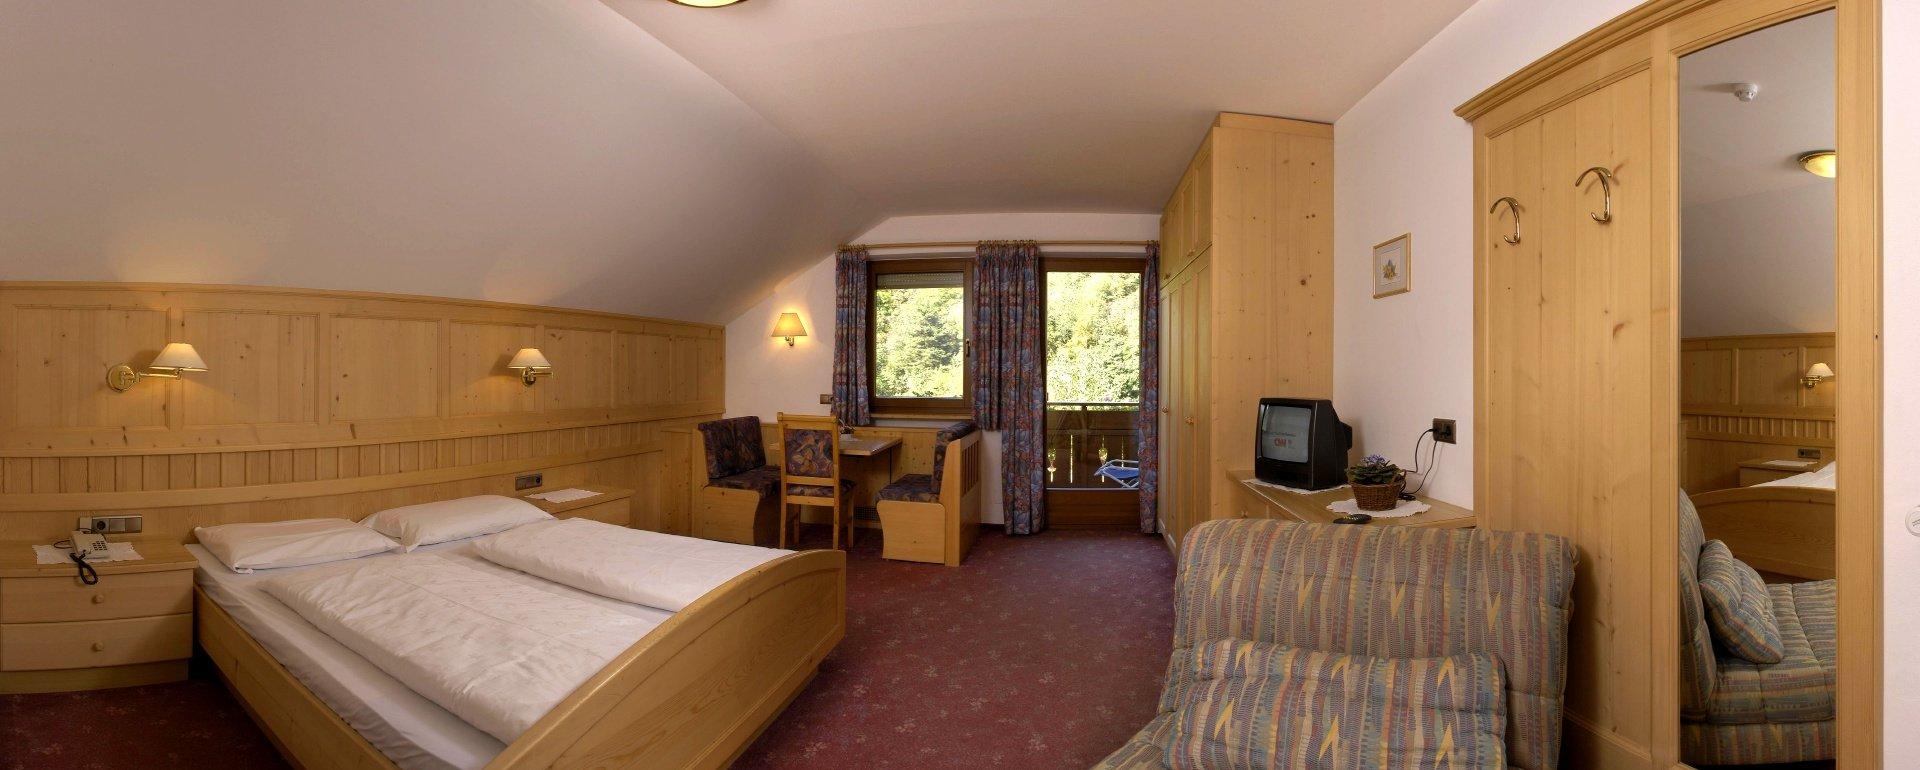 Doppelzimmer der Kategorie Comfort gleich heute reservieren